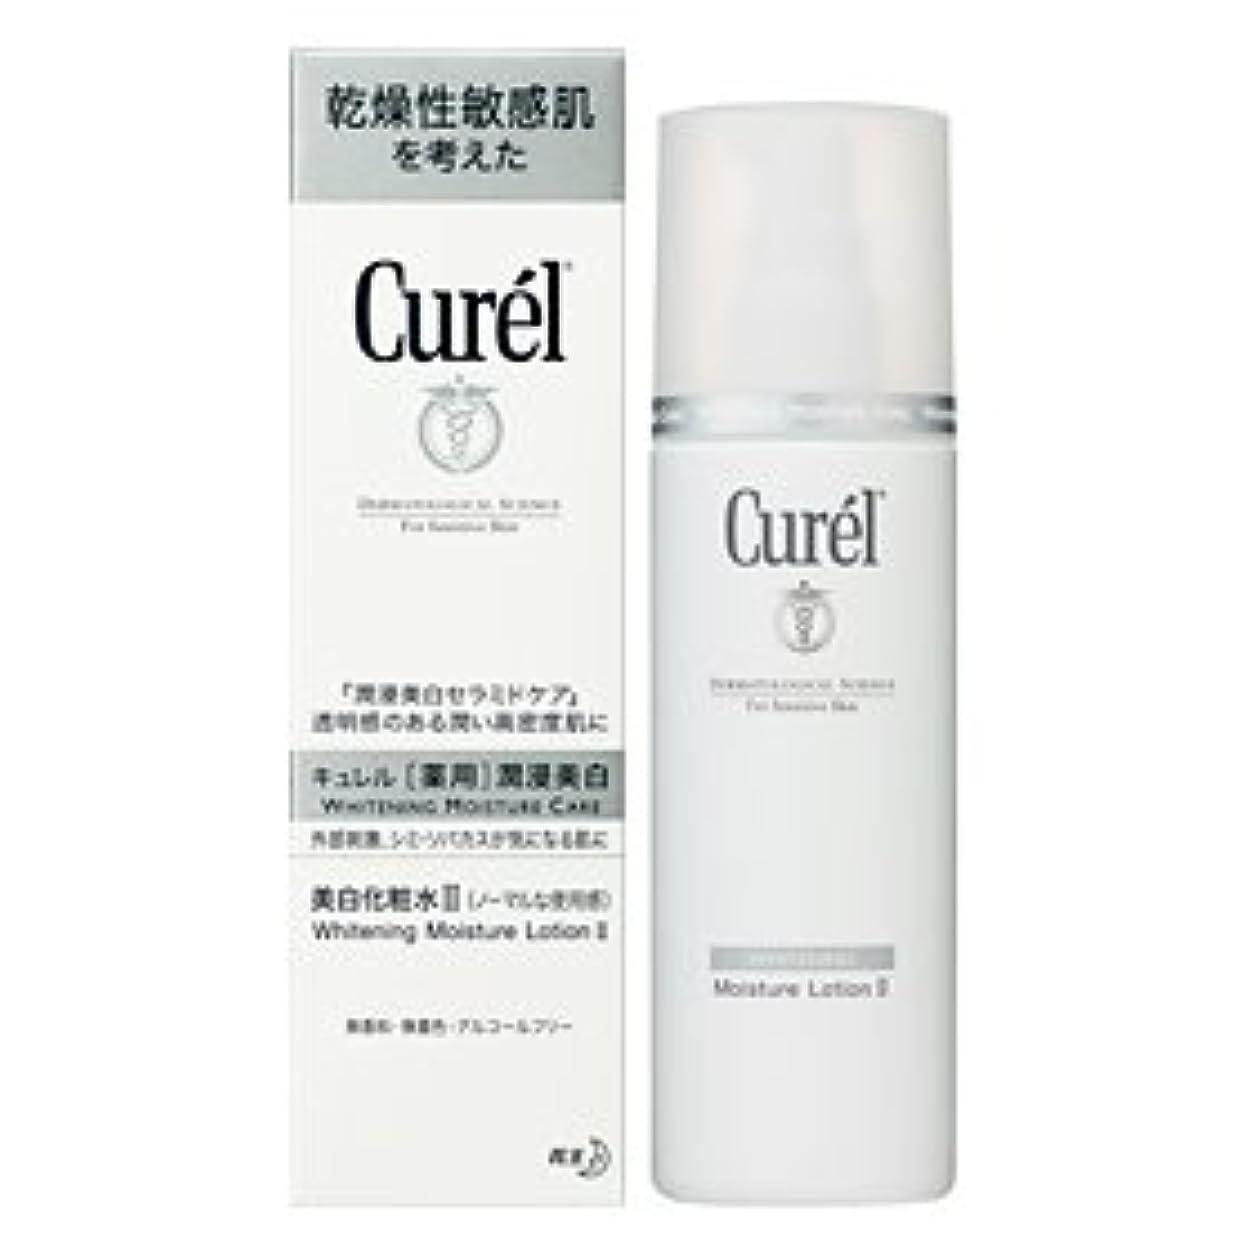 キュレル 美白化粧水2(ノーマルな使用感) 140ml×3個セット